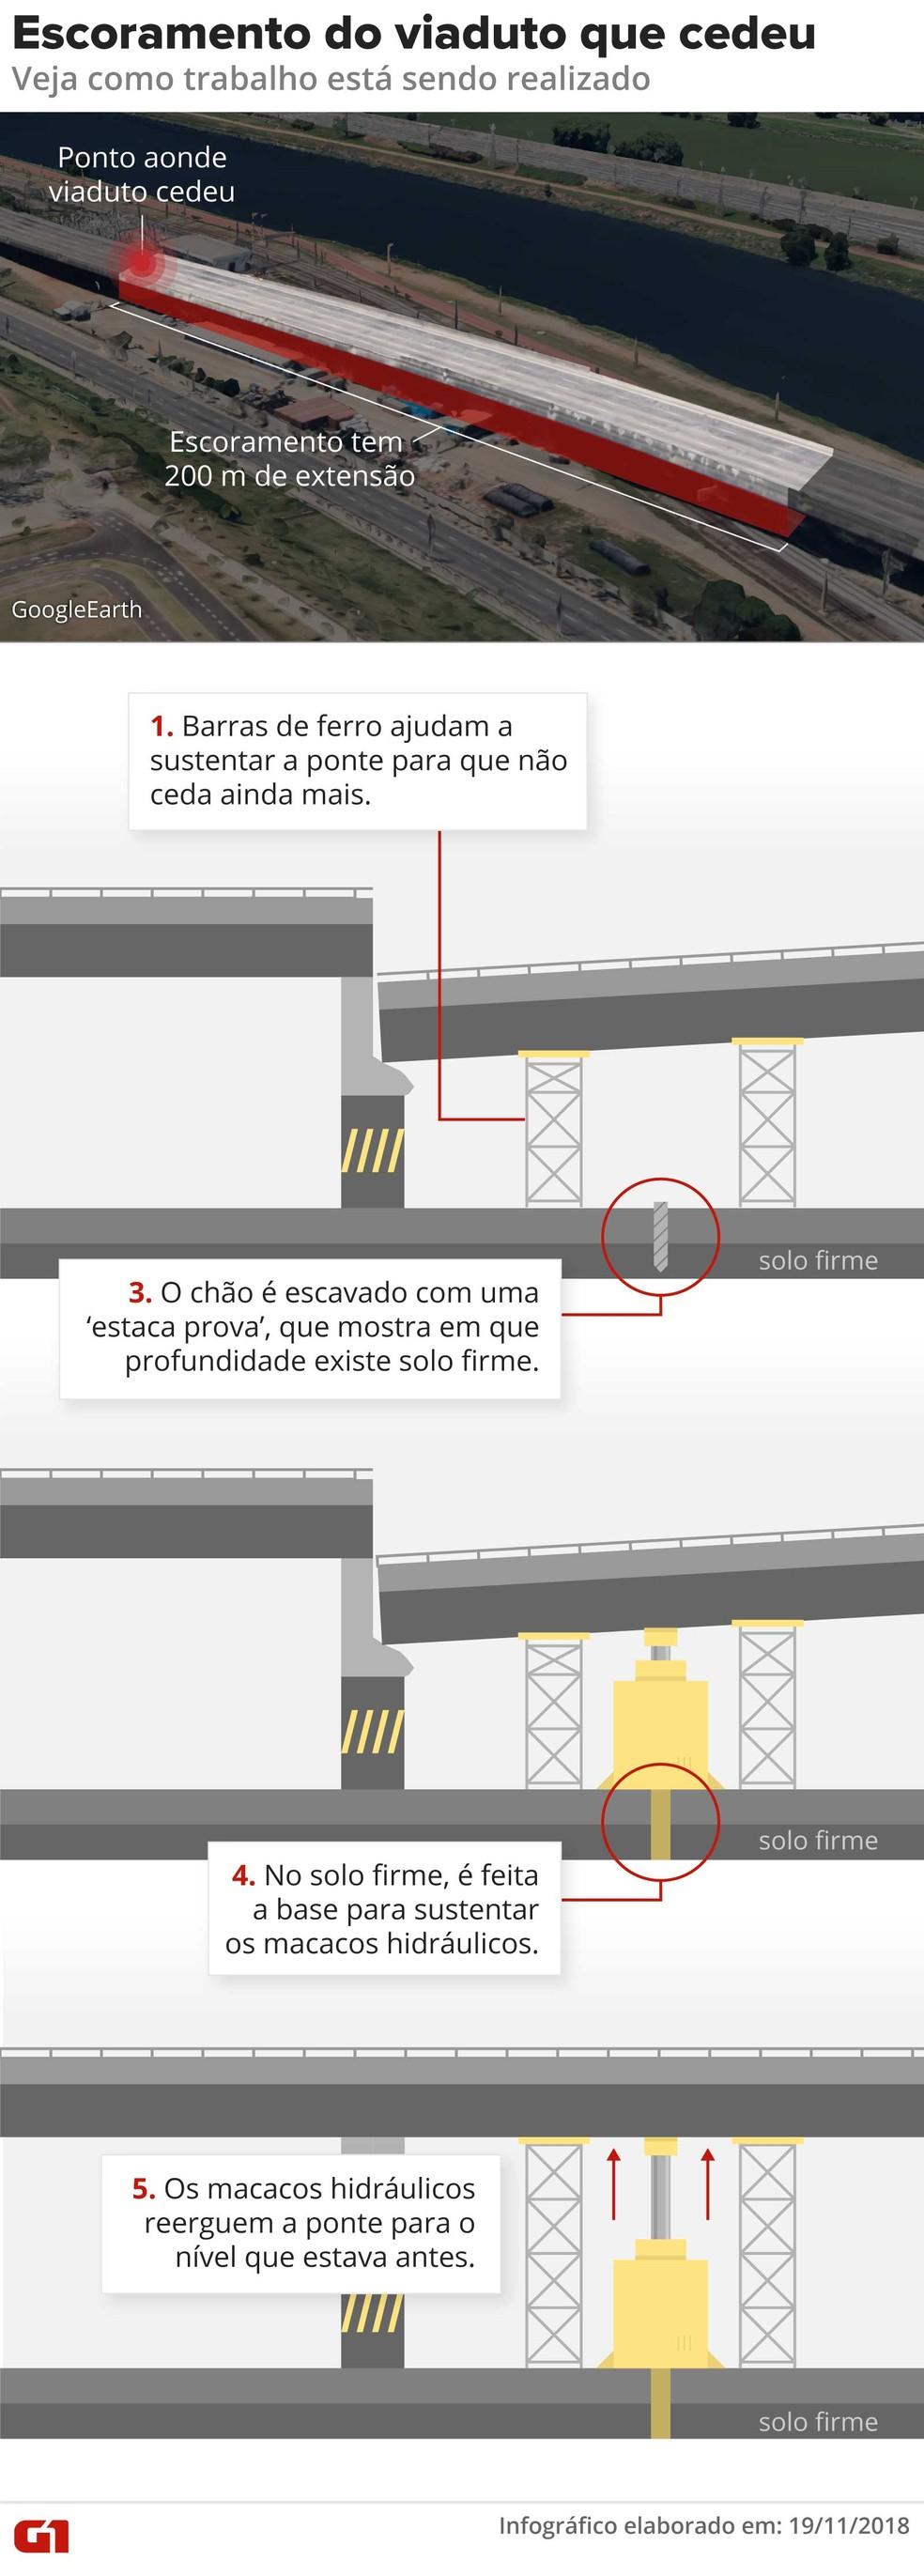 Infográfico mostra como será o trabalho de escoramento de viaduto que cedeu na Marginal Pinheiros — Foto: Alexandre Mauro/G1